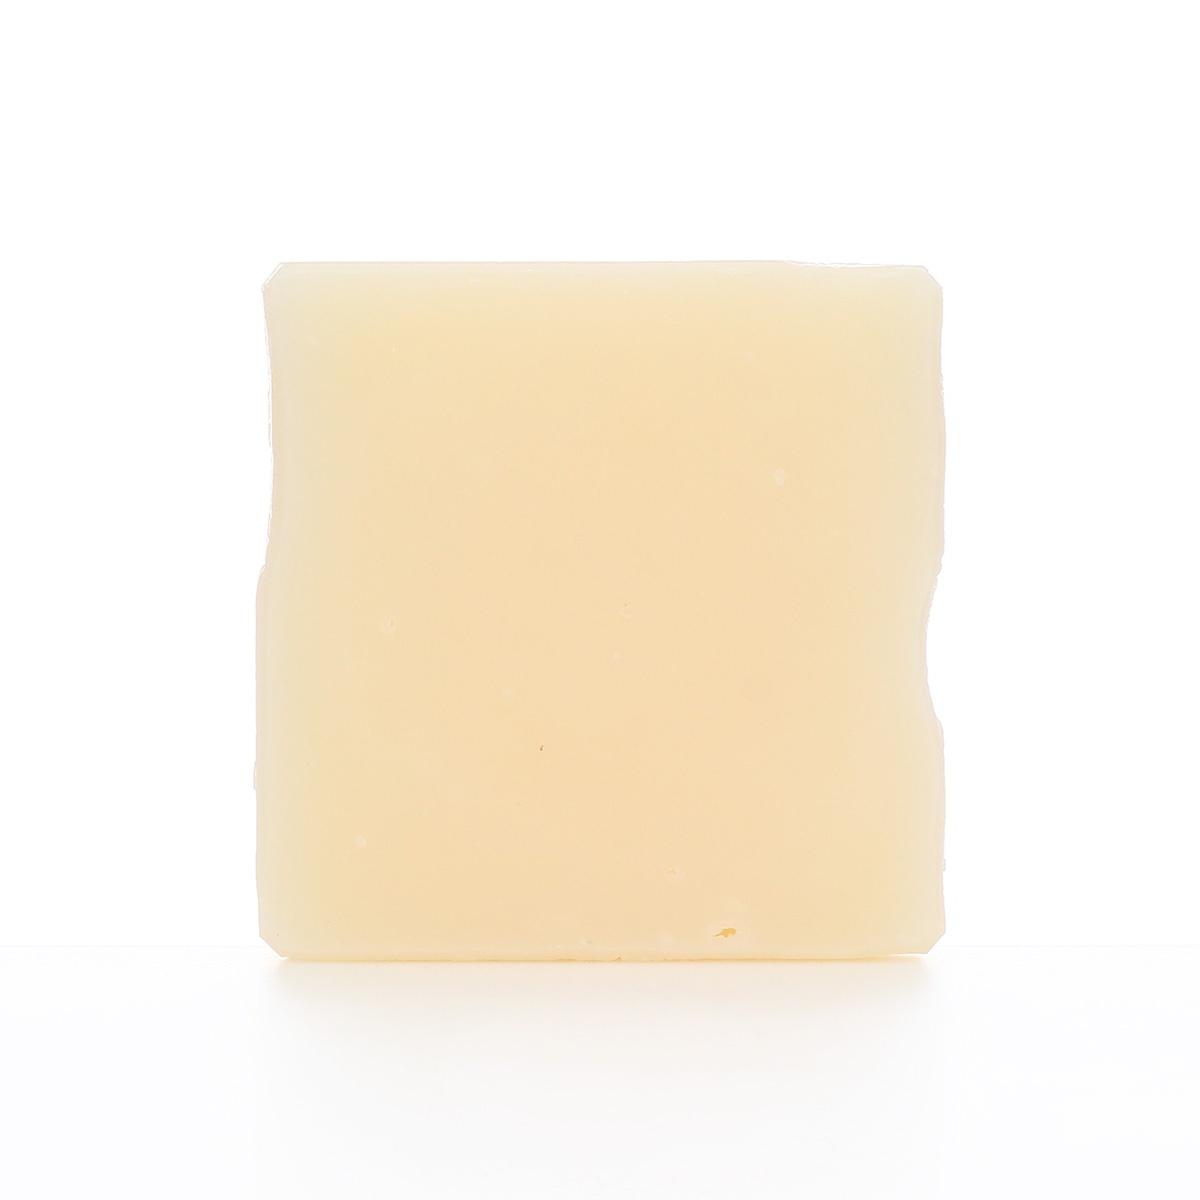 アチュイピリカ なまこ石鹸の商品画像4